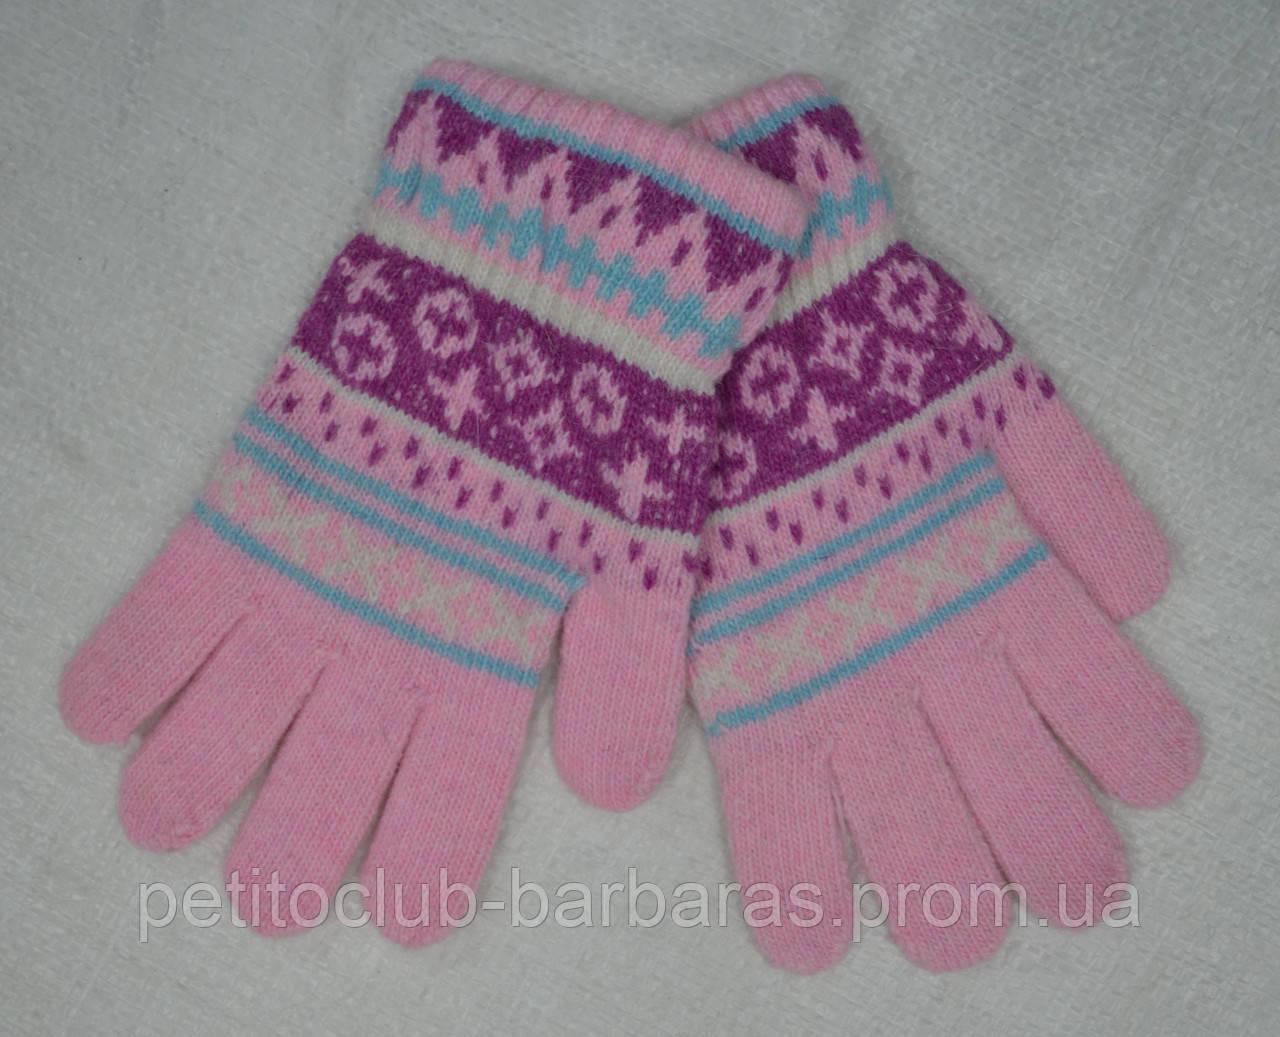 Перчатки детские вязанные для девочки розовые (Ugur, Турция)